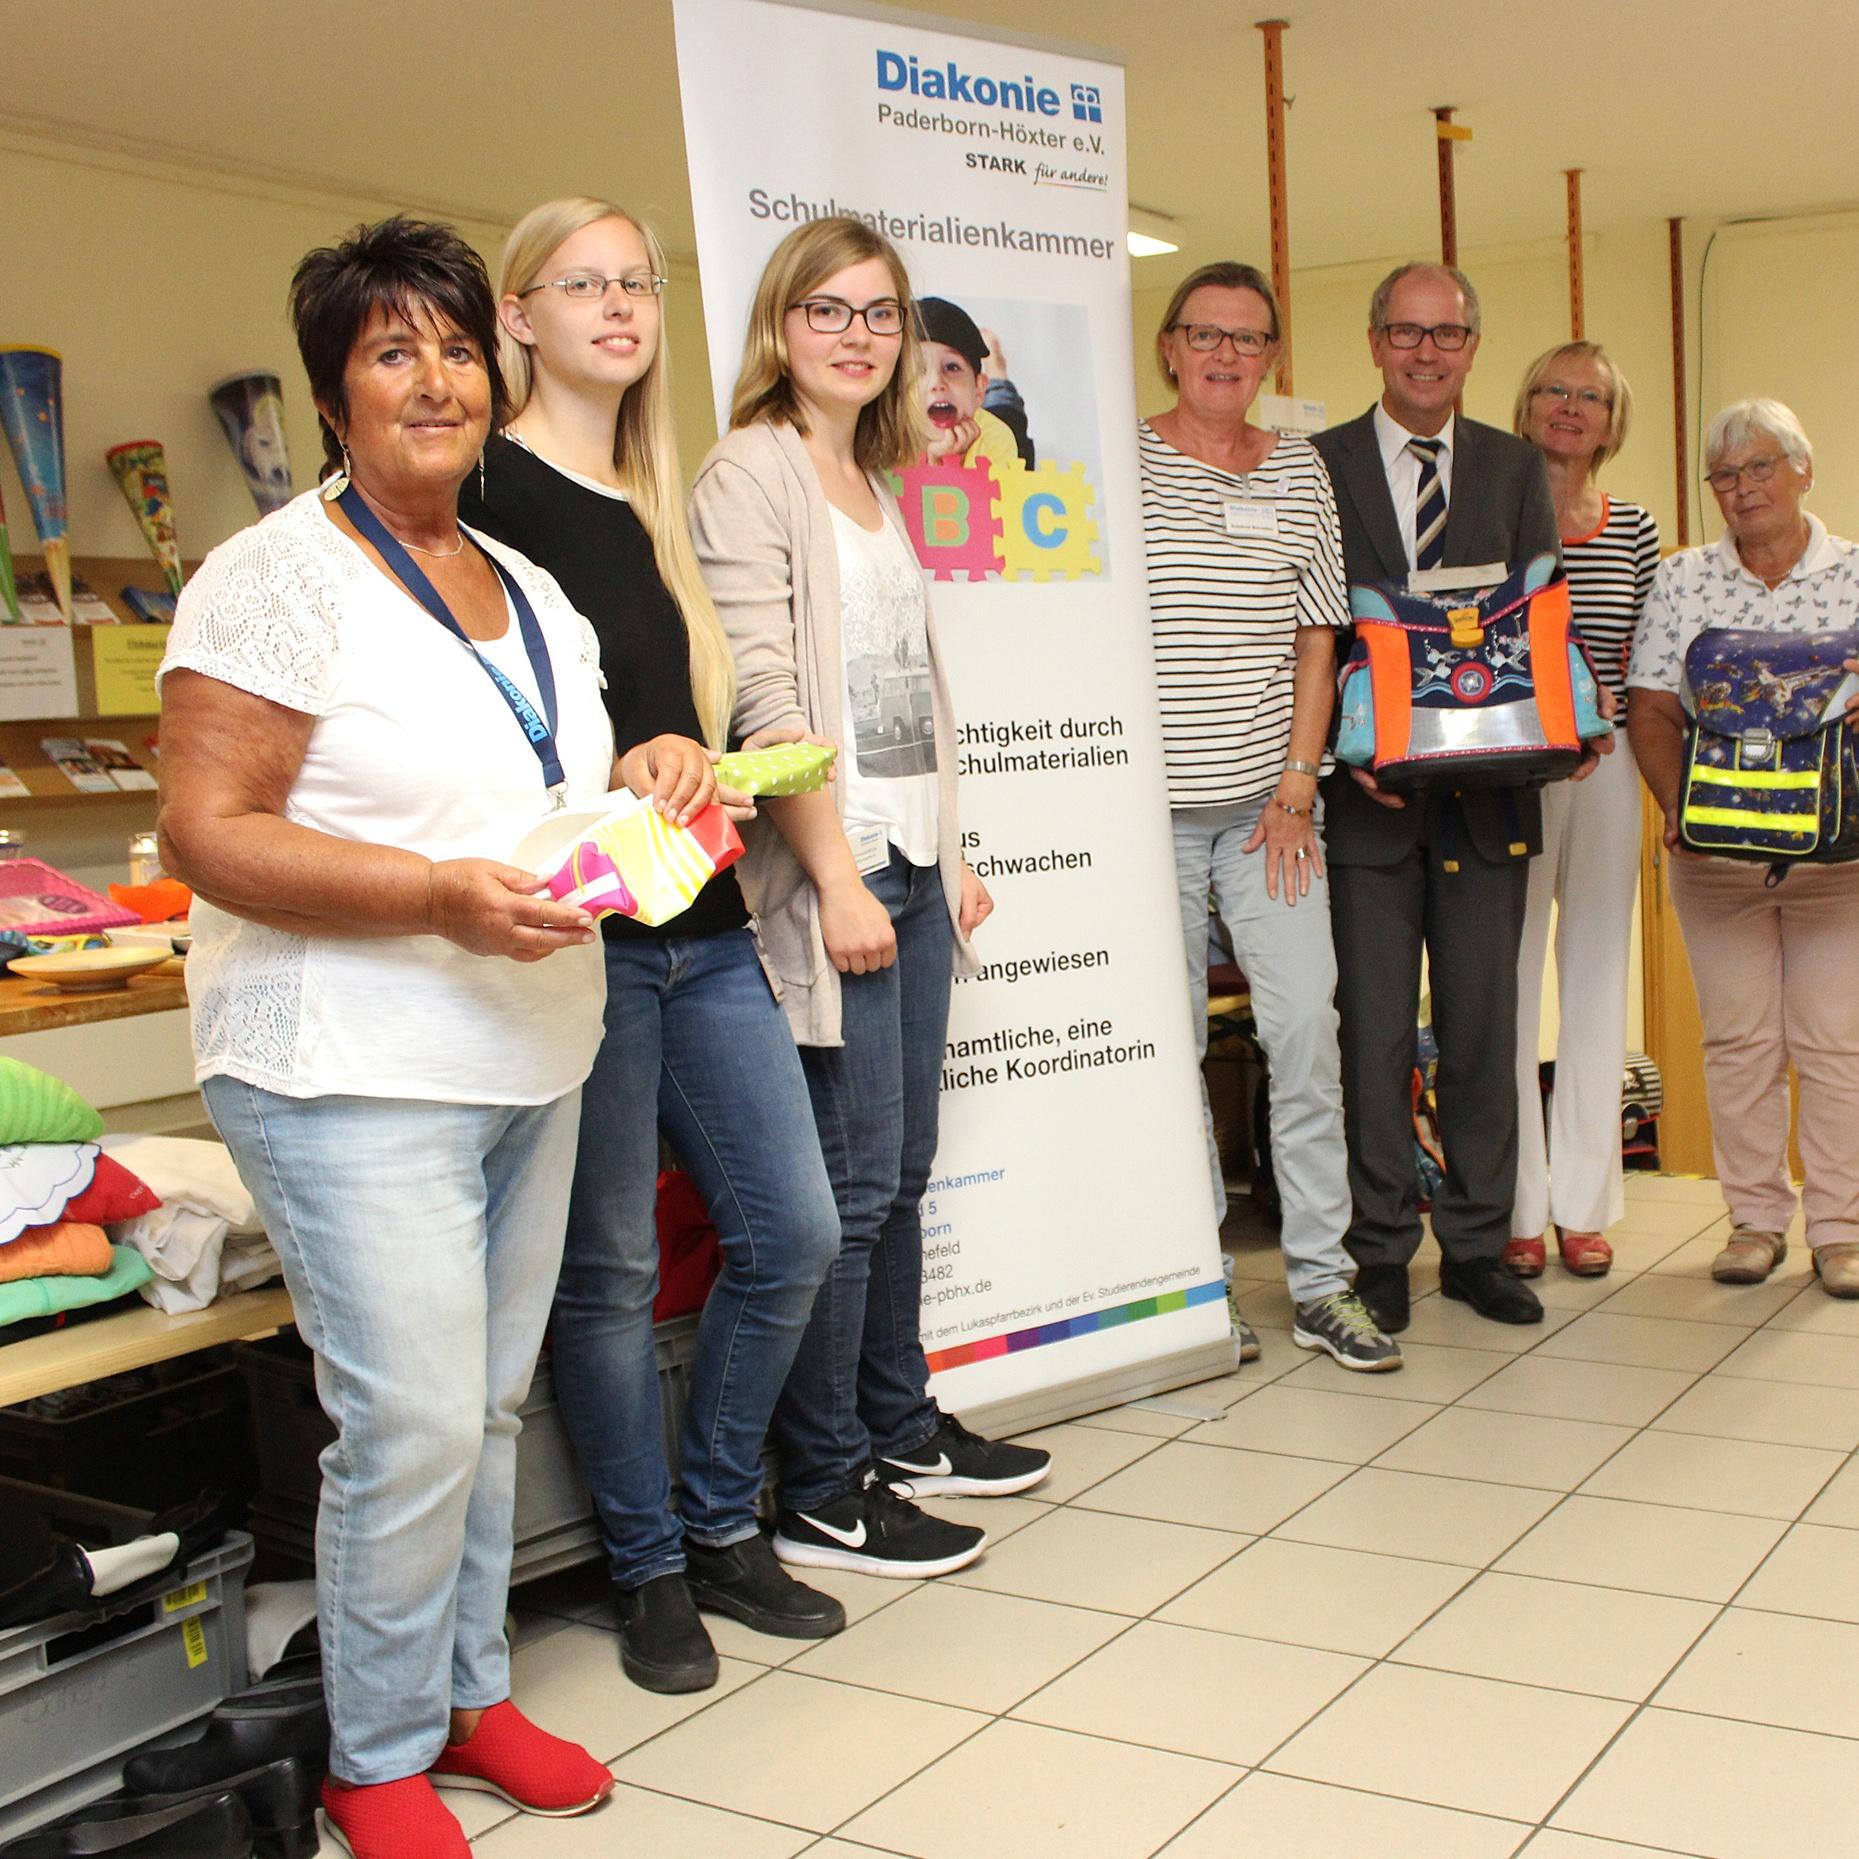 BESUCH Landrat Manfred Müller in der Schulmaterialienkammer Fantastisches ehrenamtliches Engagement